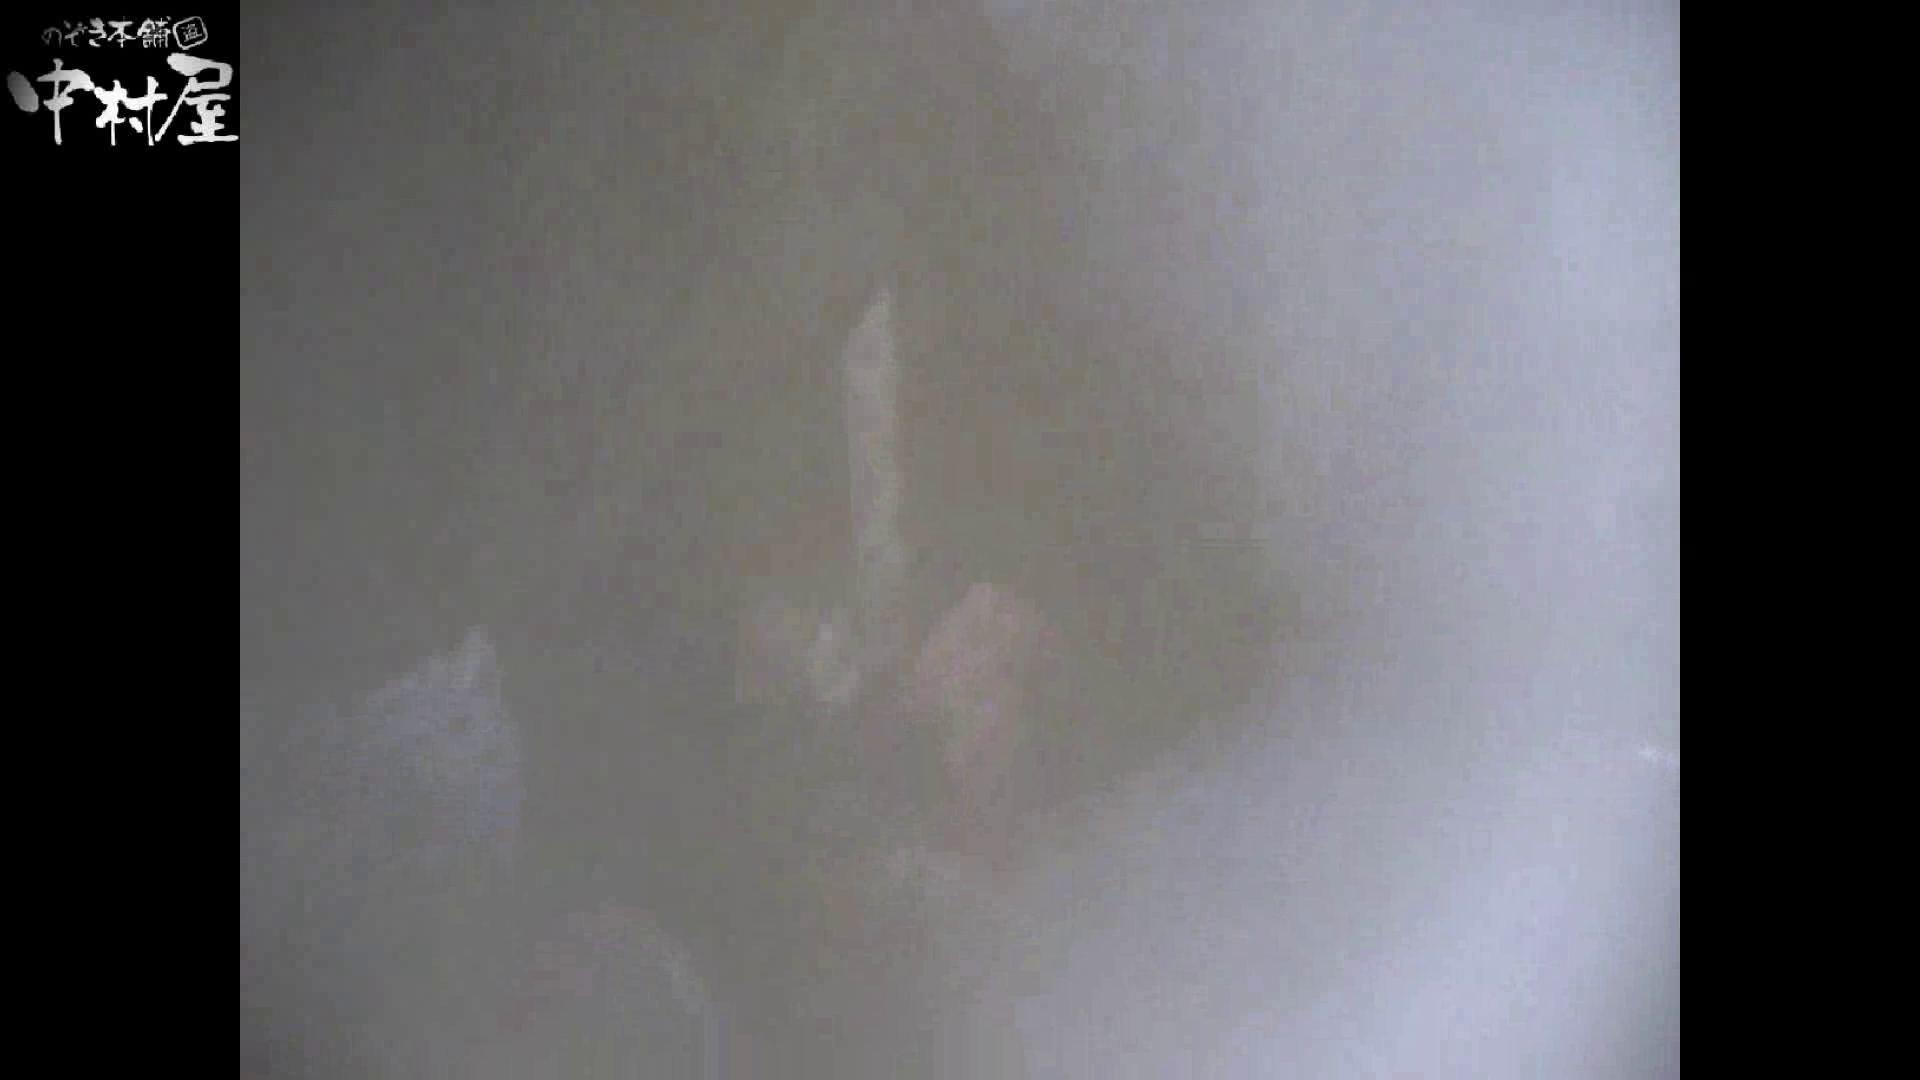 民家風呂専門盗撮師の超危険映像 vol.021 美女丸裸 盗撮動画紹介 92pic 80